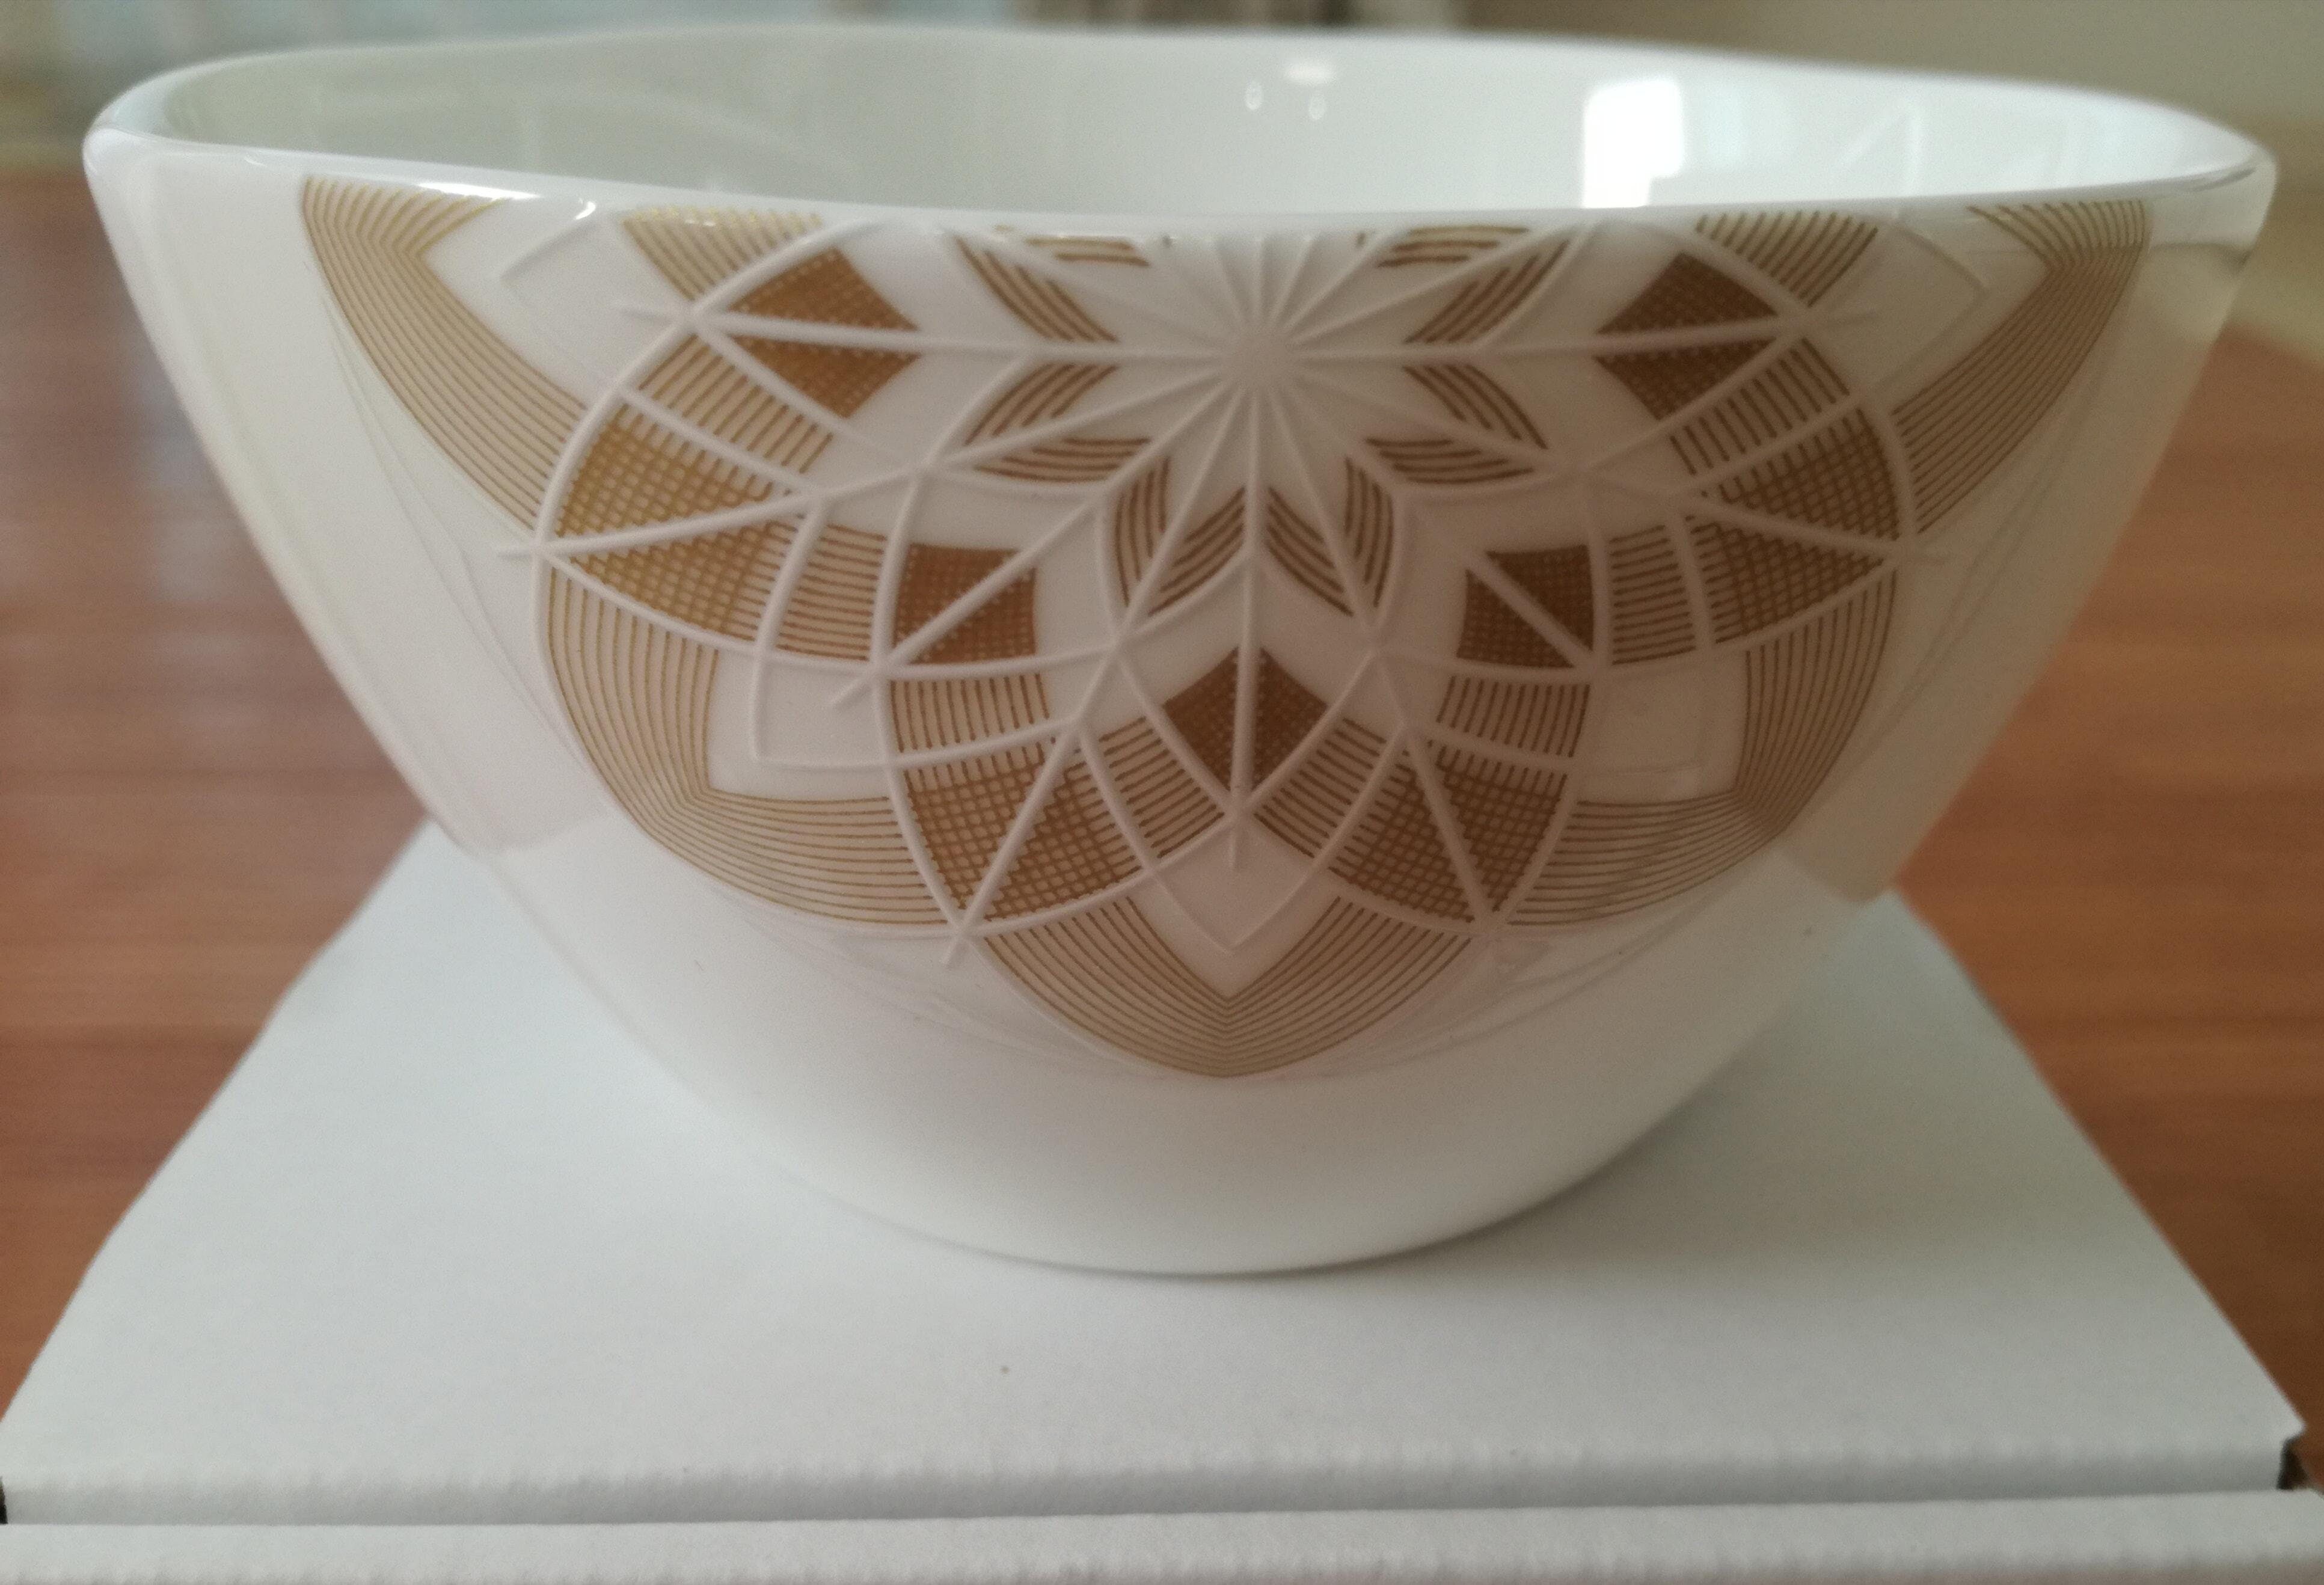 2万円台で買える三谷産業(8285)から株主優待のニッコー陶磁器製品が到着!